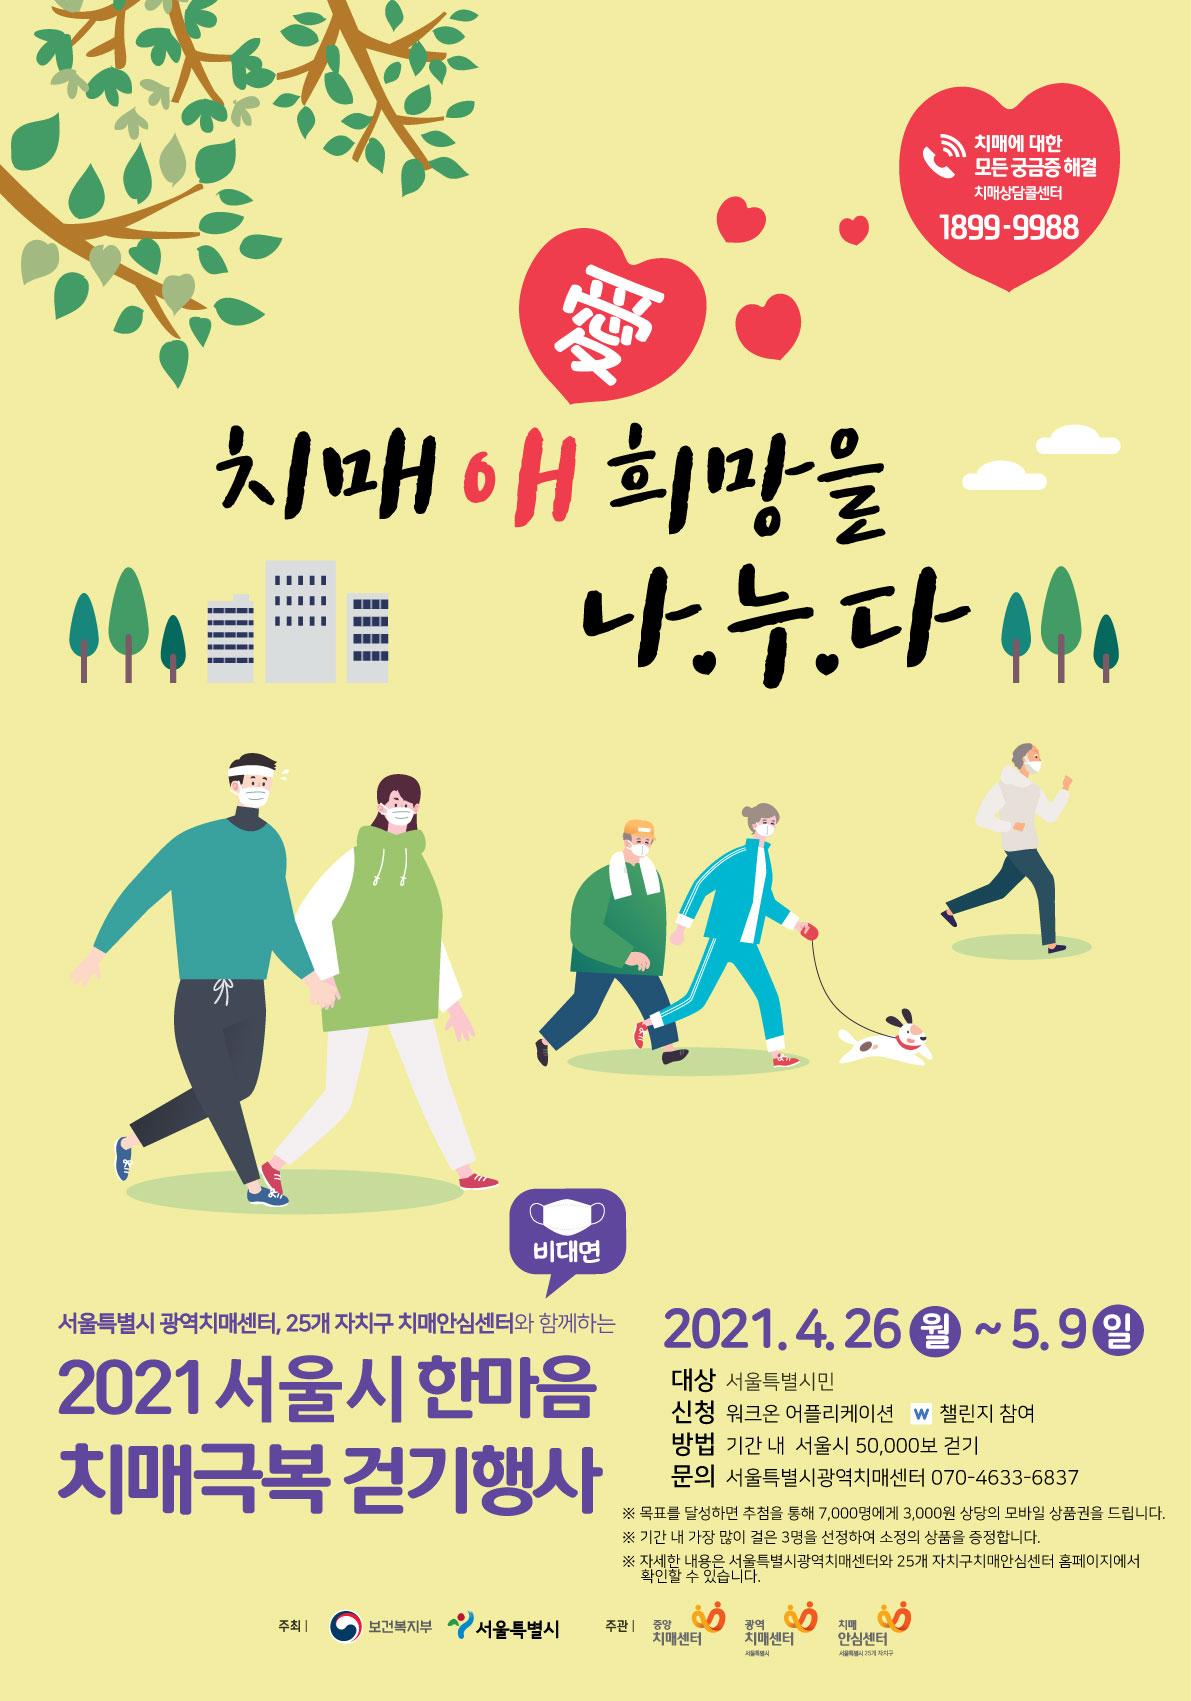 2021 서울시(강남) 한마음 치매극복 걷기행사 치매 애(愛) 희망을 나누다